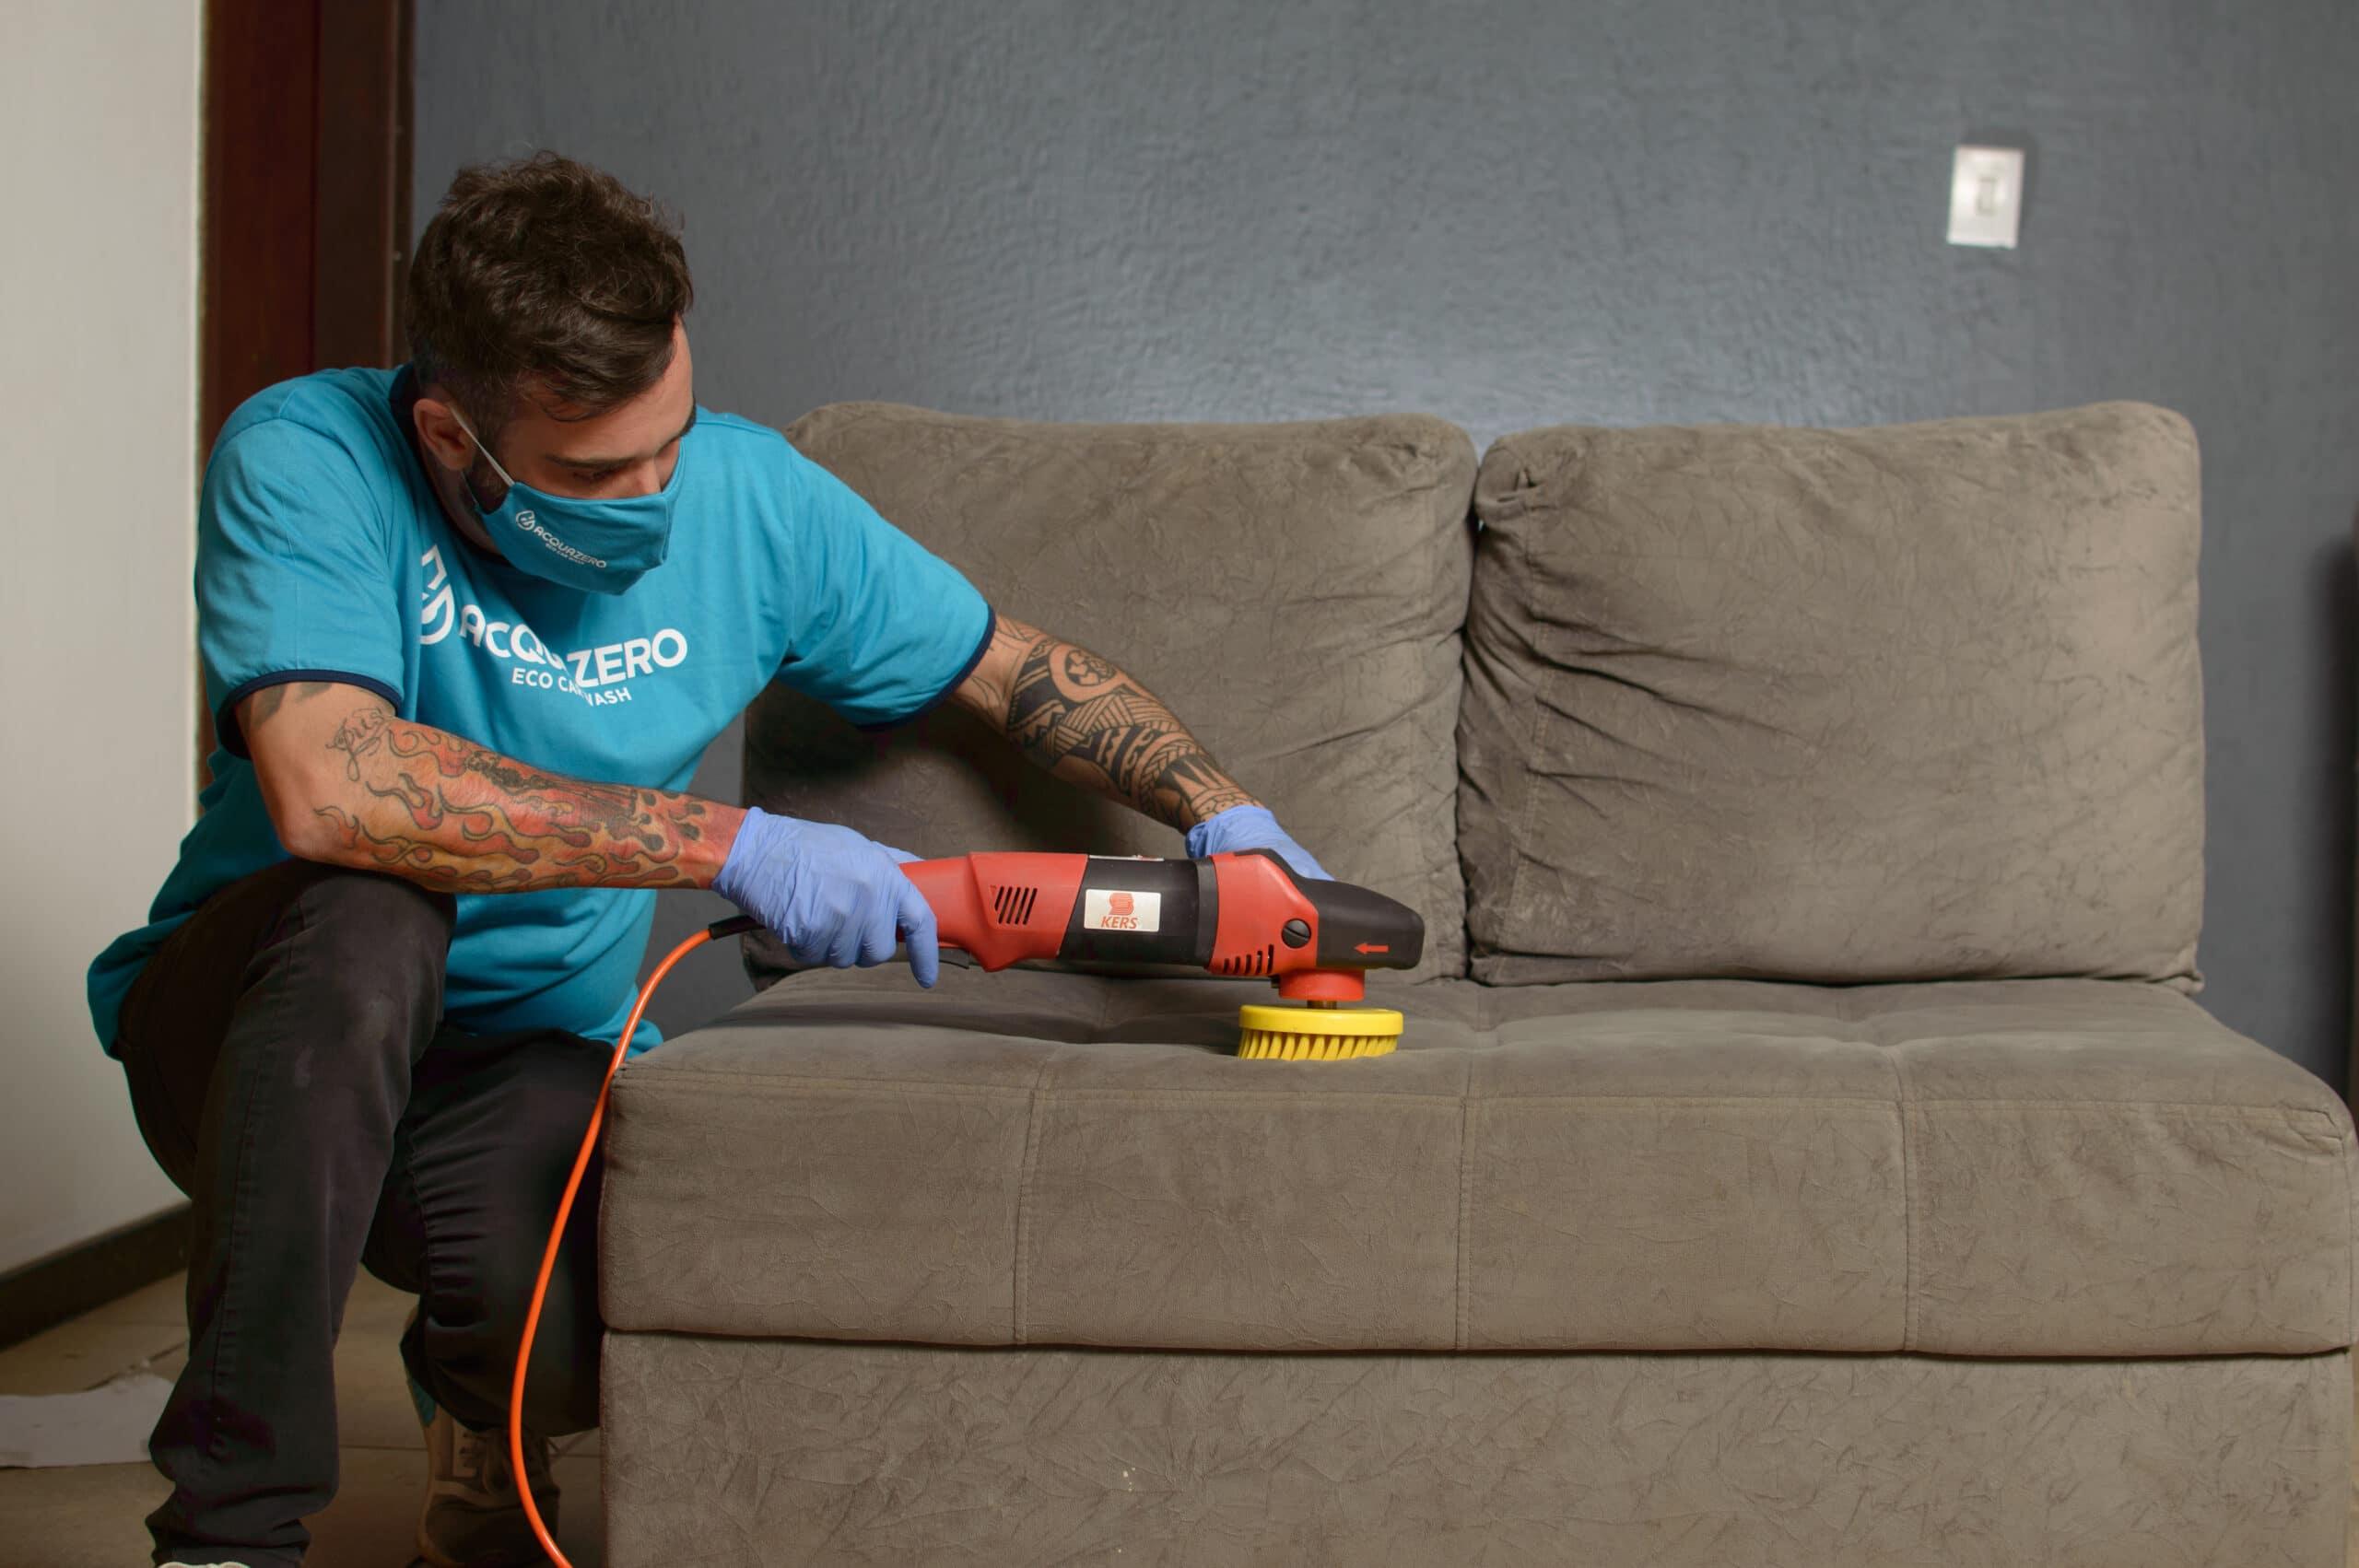 Profissional da Acquazero realiza a limpeza de um sofá cinza com o auxílio de uma escova elétrica com cerdas amarelas e cabo laranja. Ilustração do texto sobre limpeza de sofá em Macaíba.